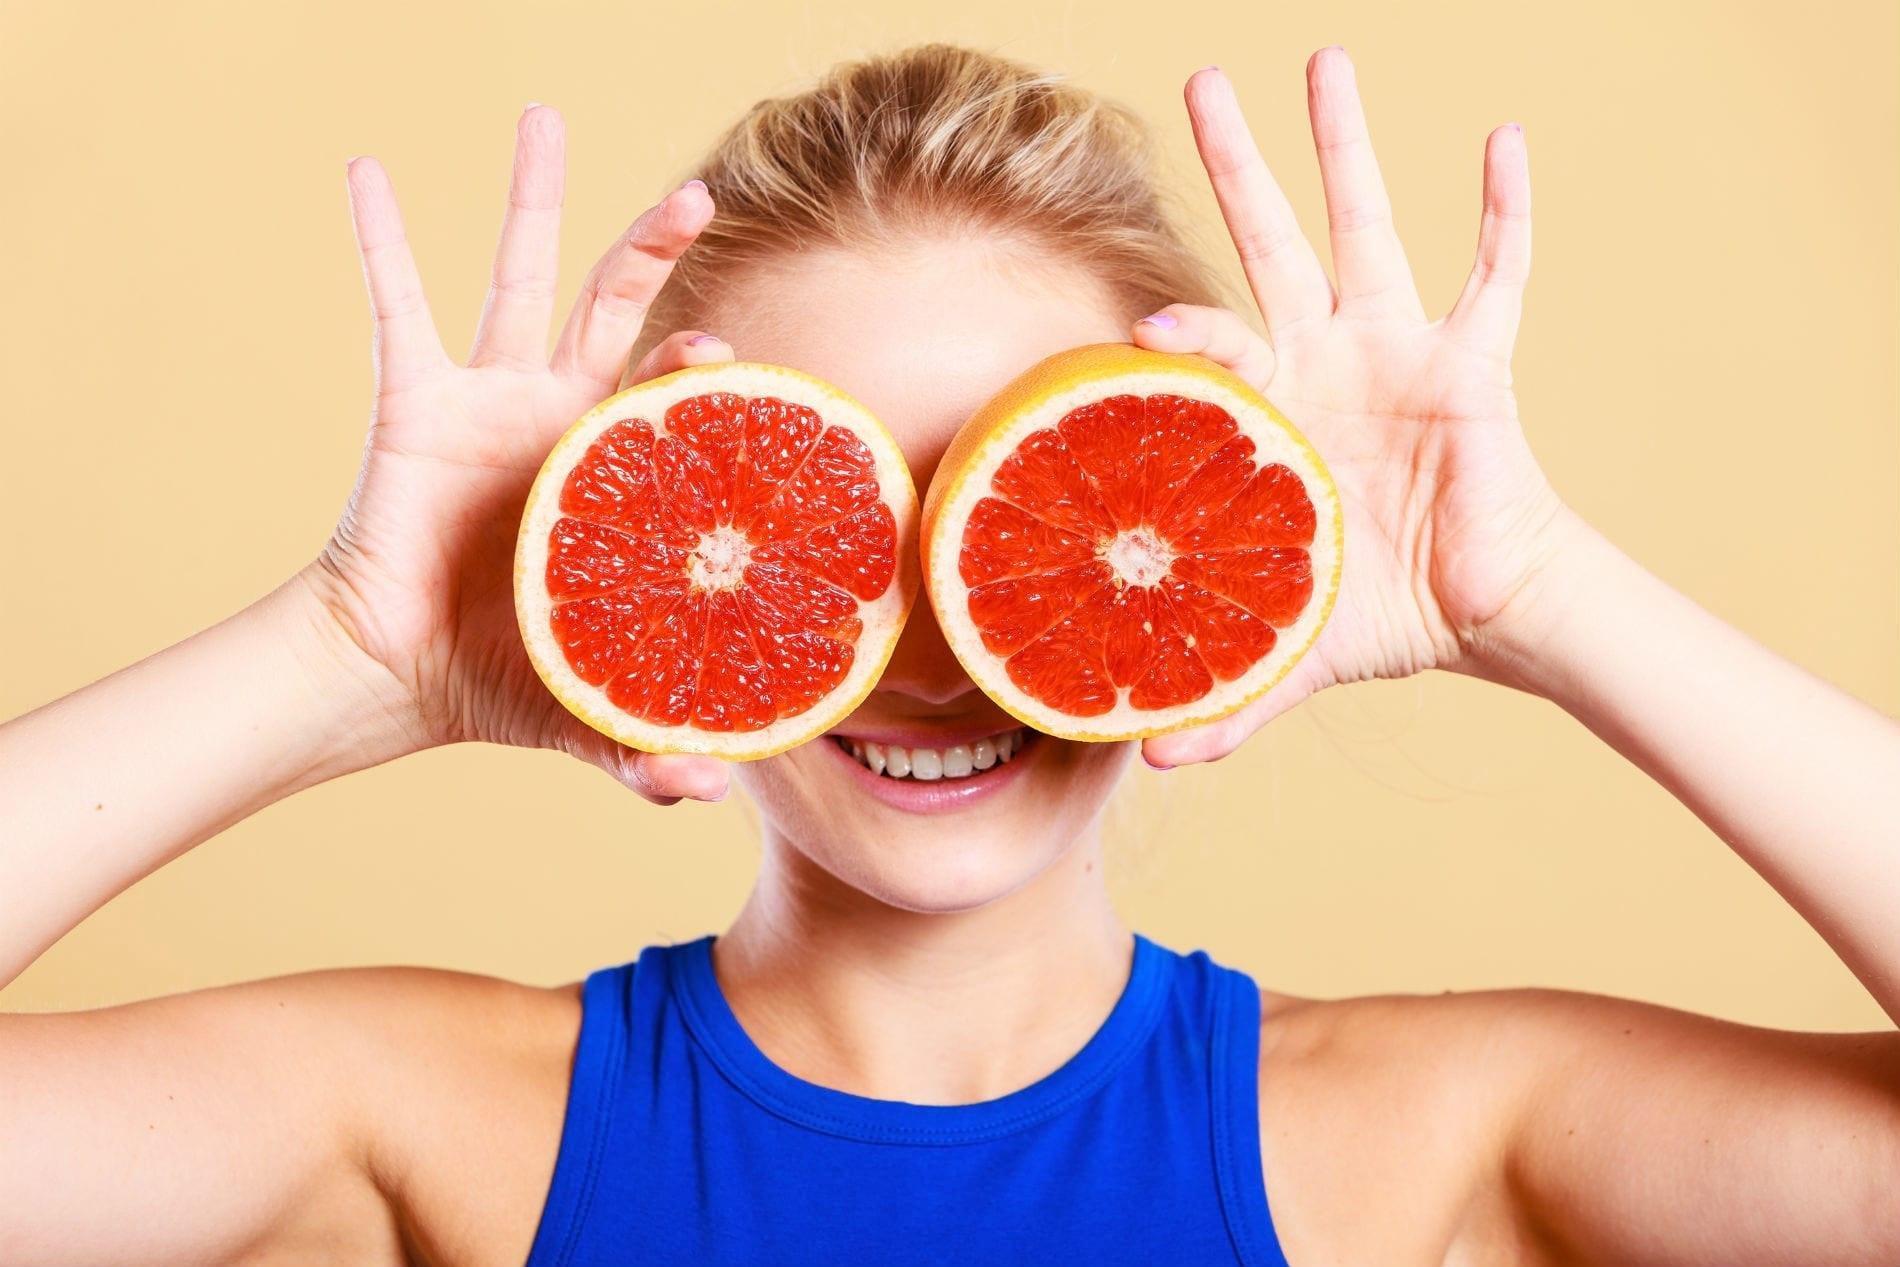 Грейпфрут В Похудении. Эффективен ли грейпфрут для похудения – отзывы худеющих и как есть его для получения результата